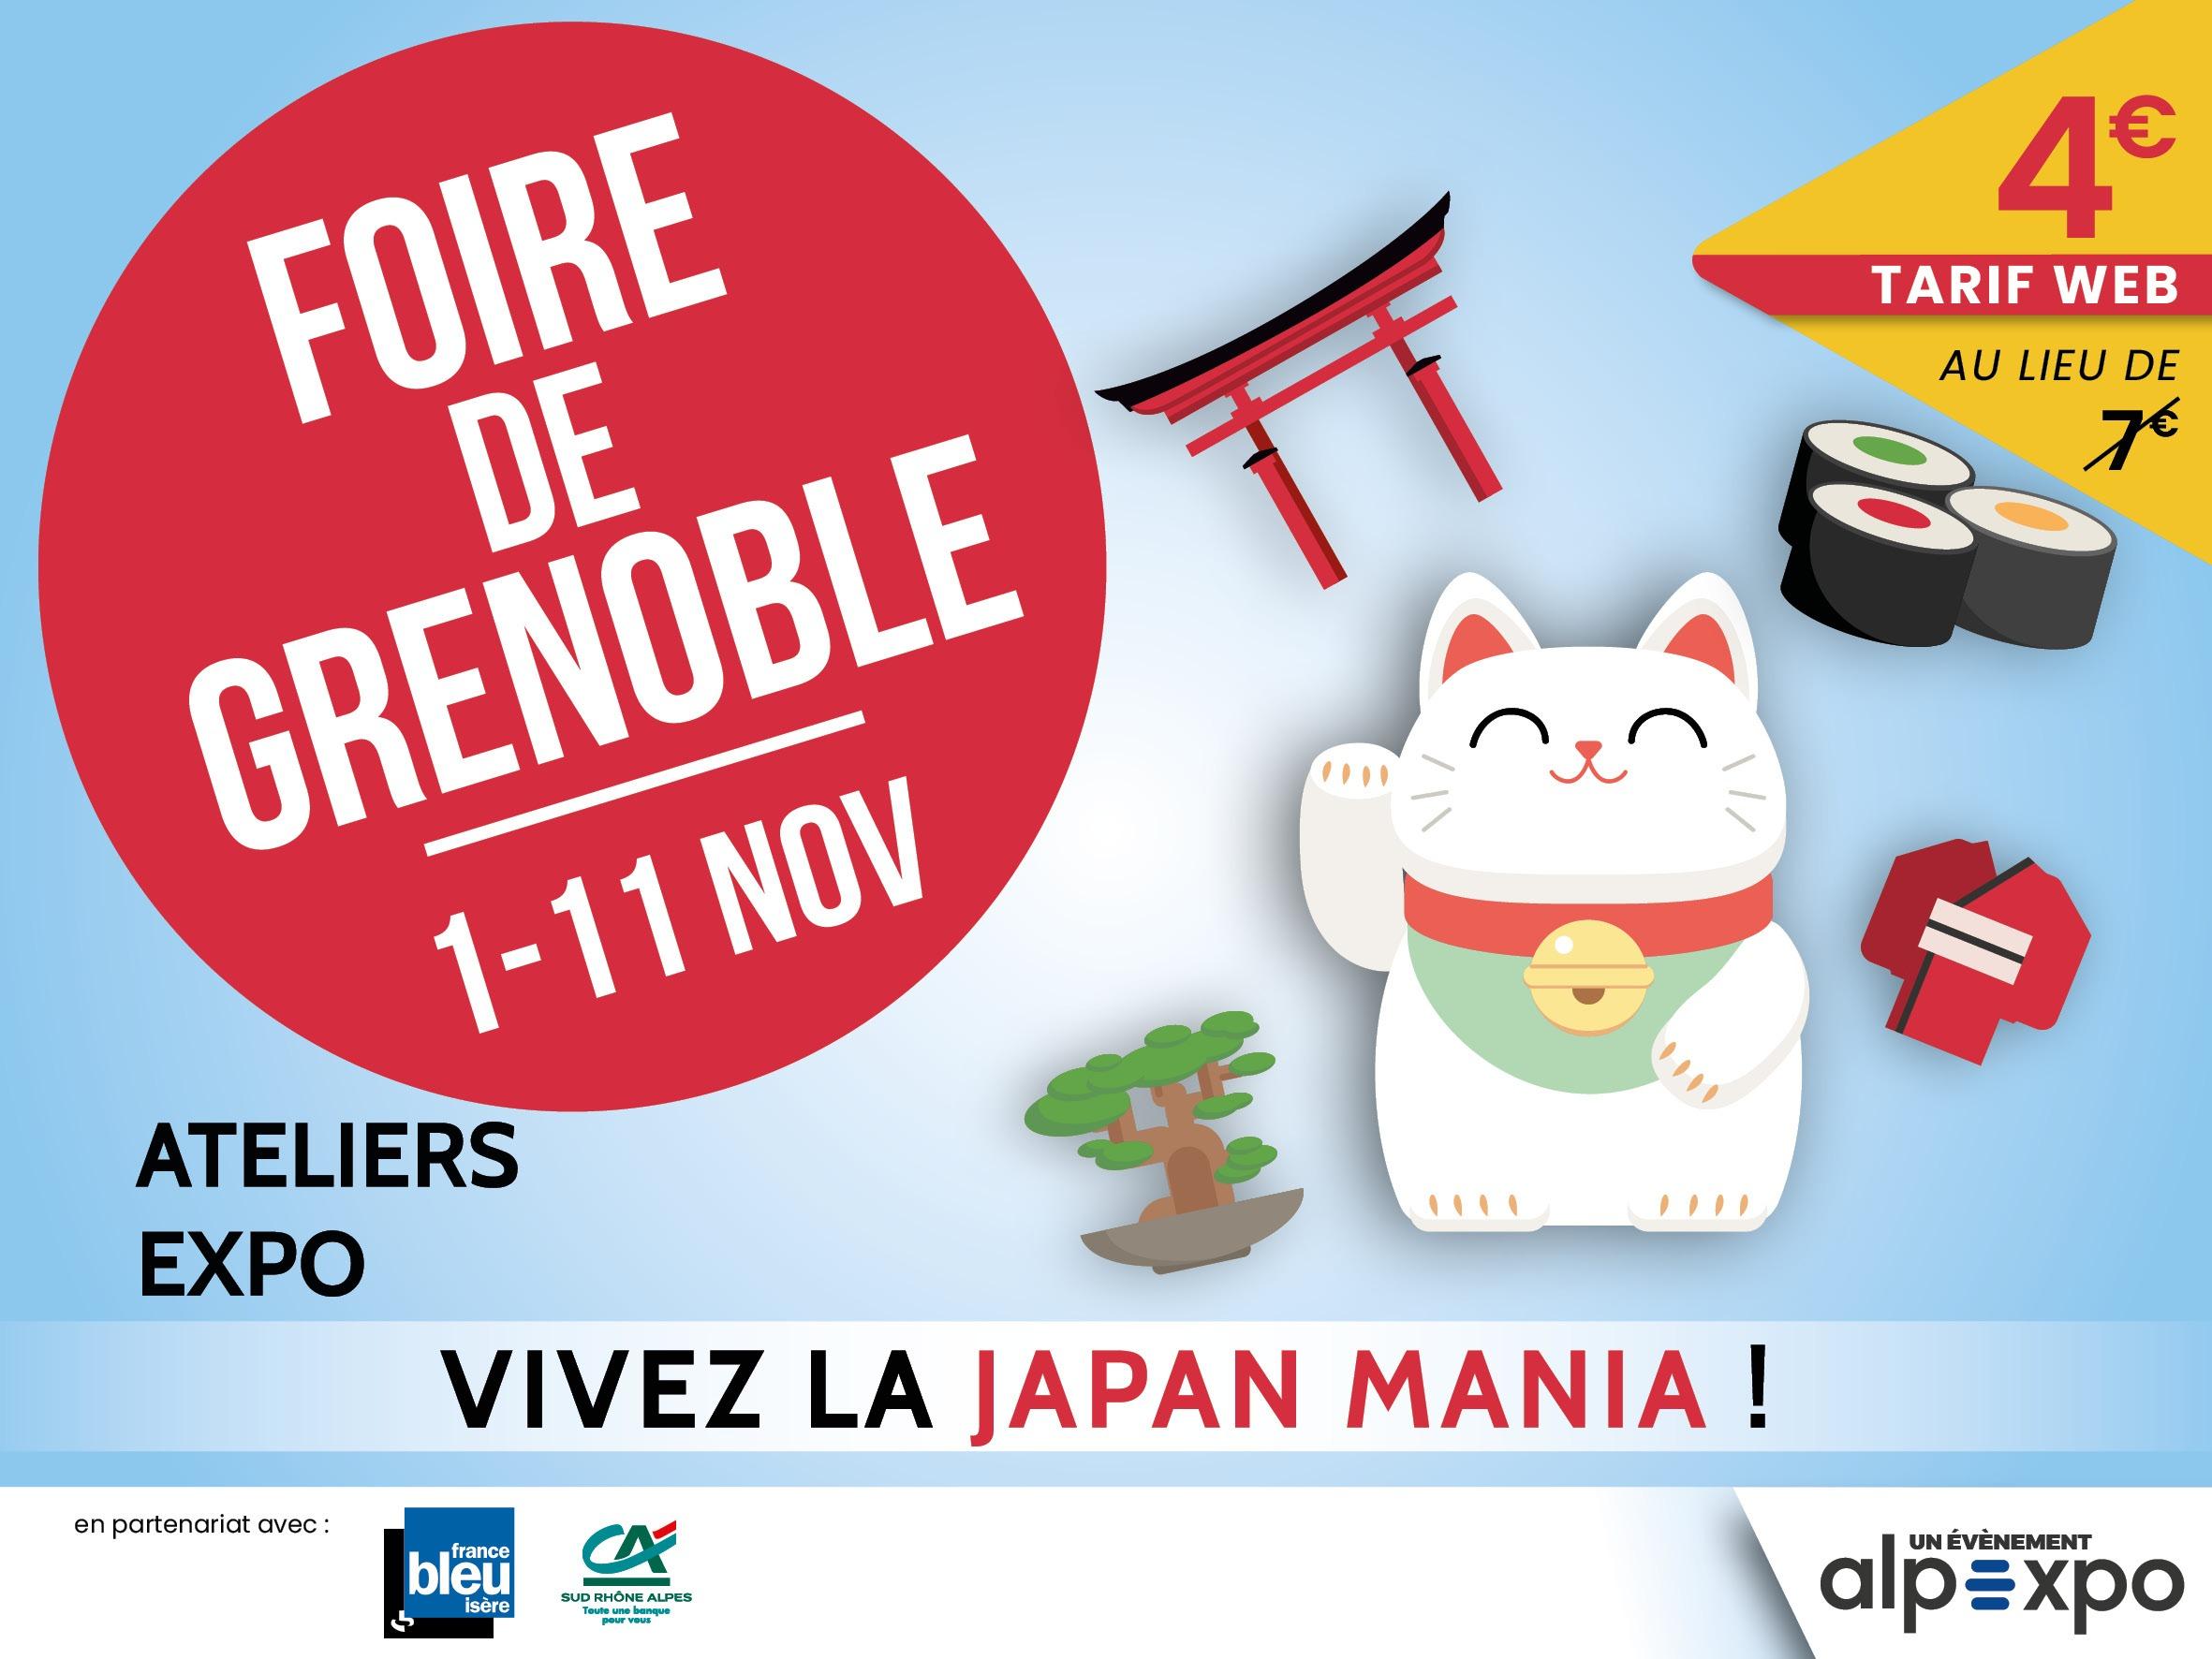 HASE présent à la Foire de Grenoble (38) – du 1er au 11 novembre 2019